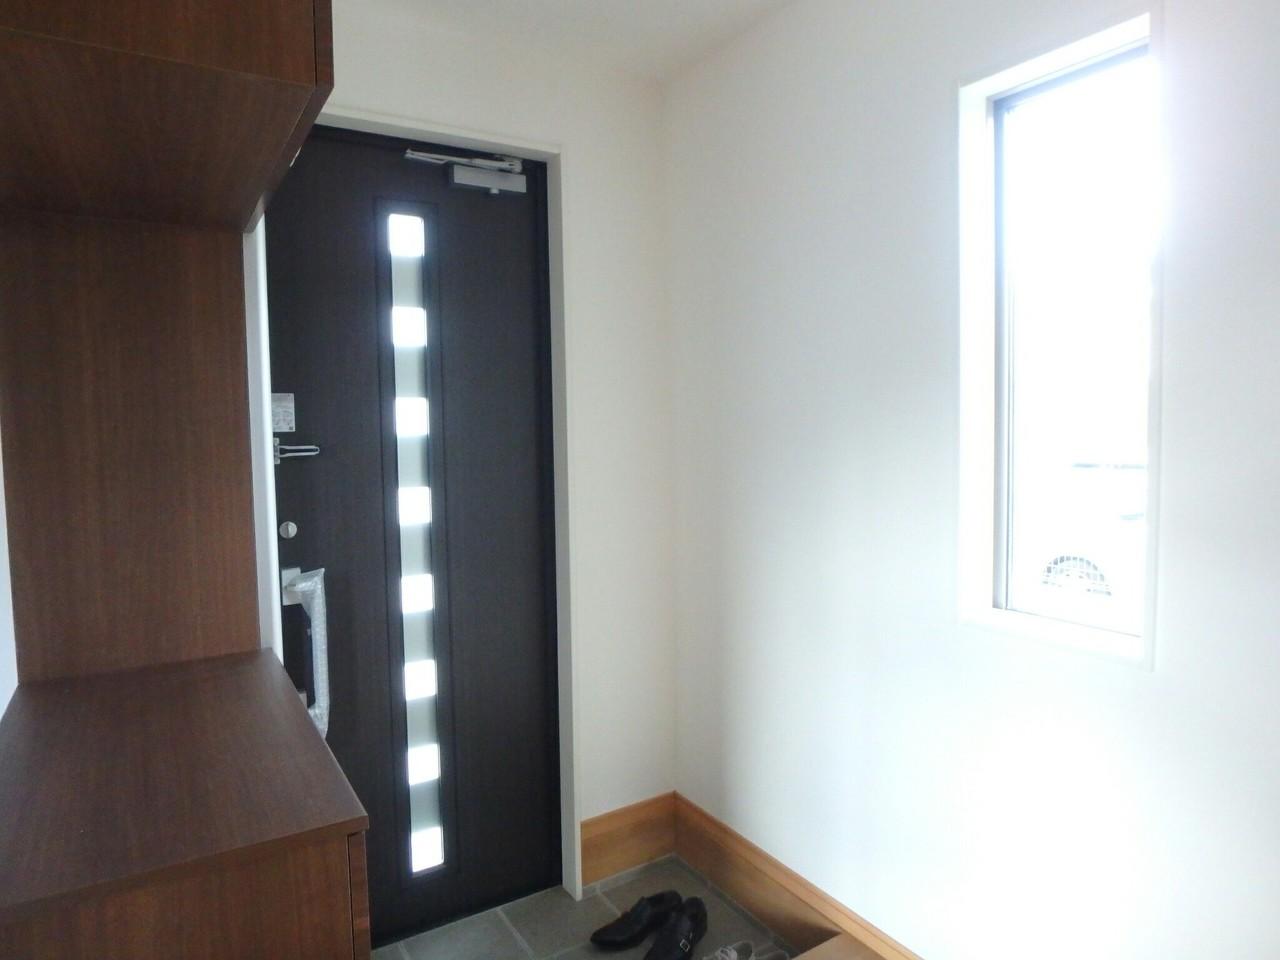 落ち着いた色調の玄関はシューズクローゼット付きです! 大きな窓は採光もとってもよく明るい玄関になりますね♪